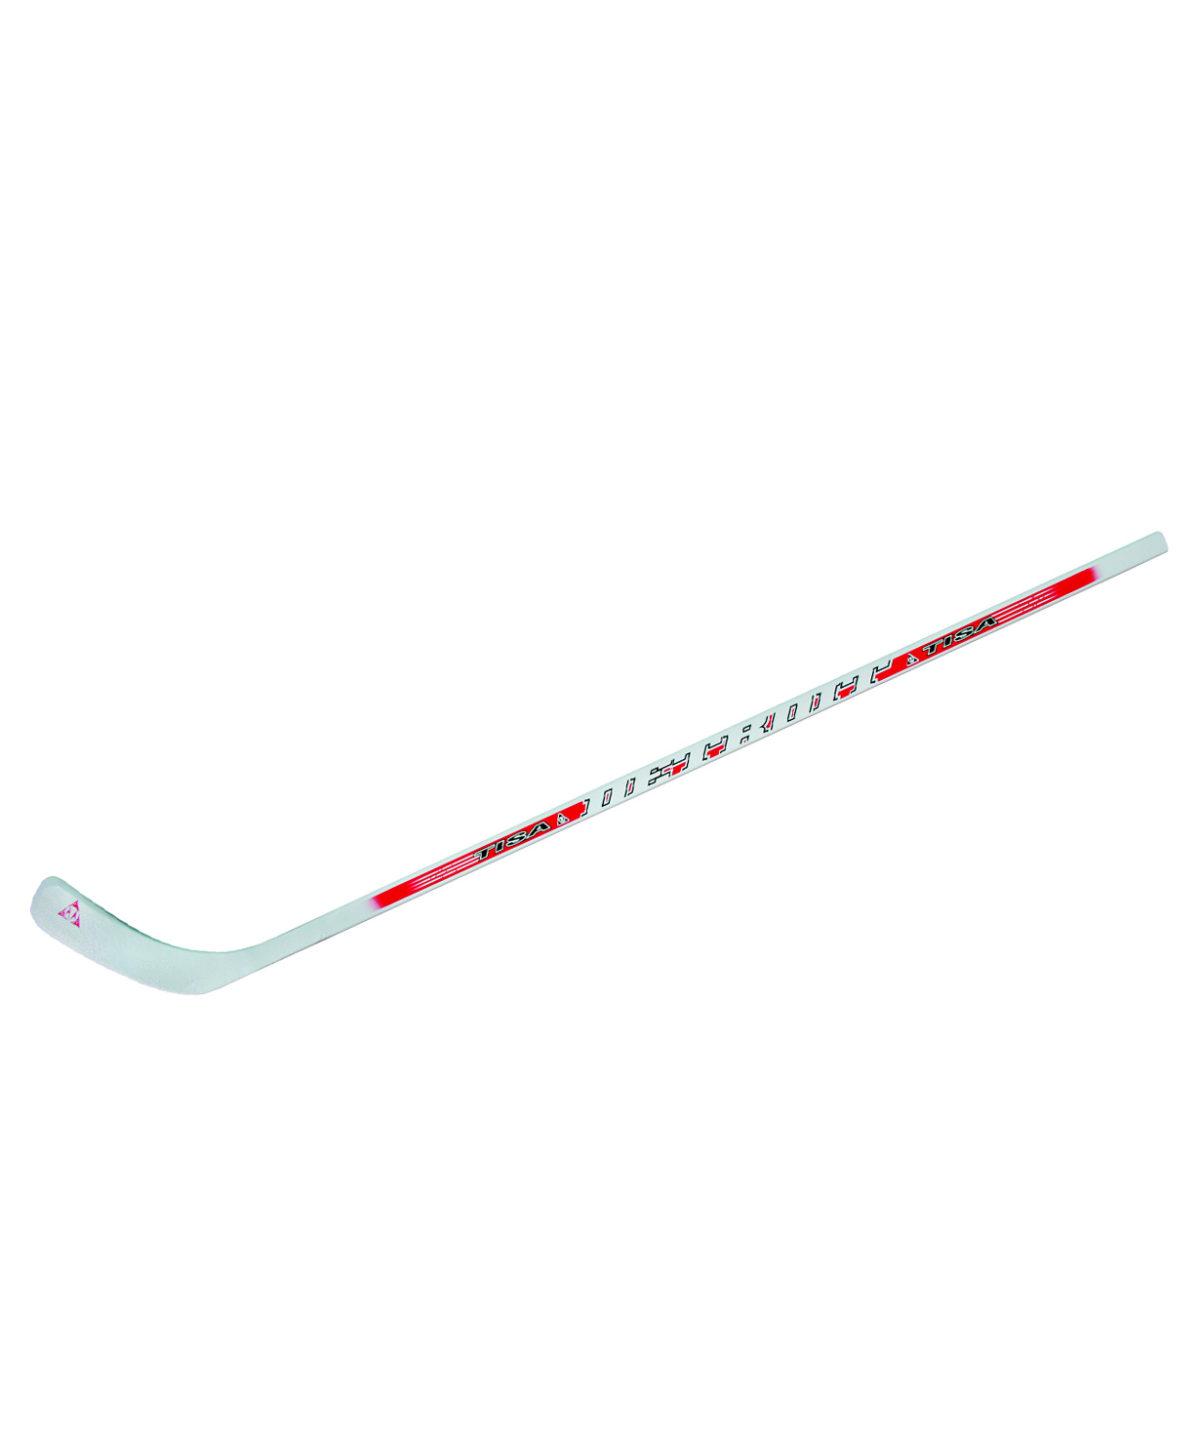 TISA Detroit Jr Клюшка хоккейная, левая  H40315,52 - 1